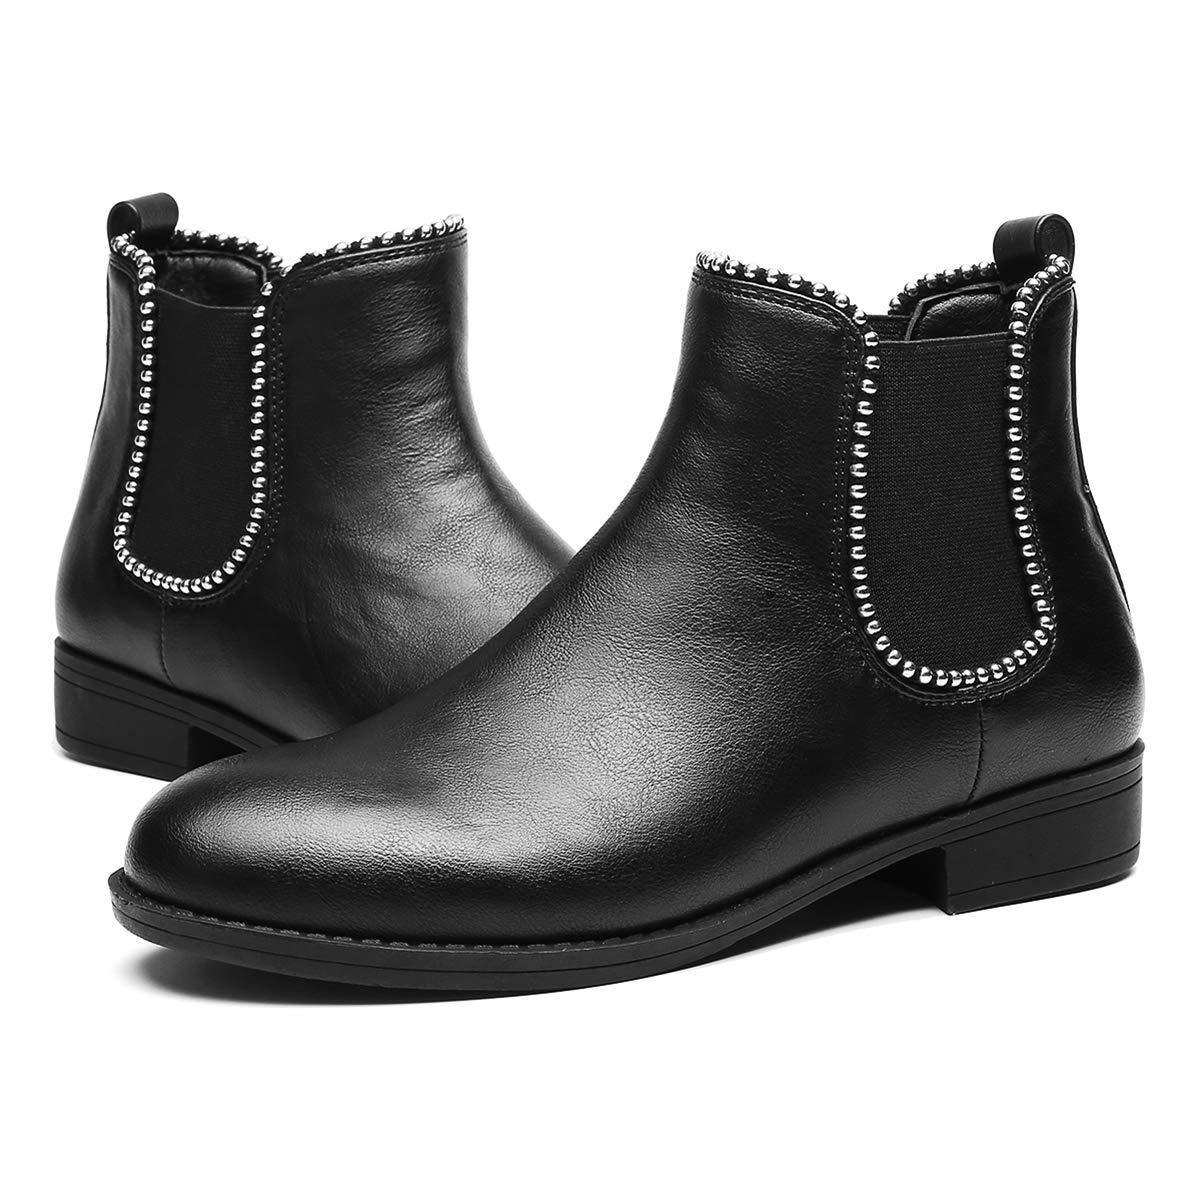 2940d233ef85 Top Chaussures de travail femme selon les notes Amazon.fr